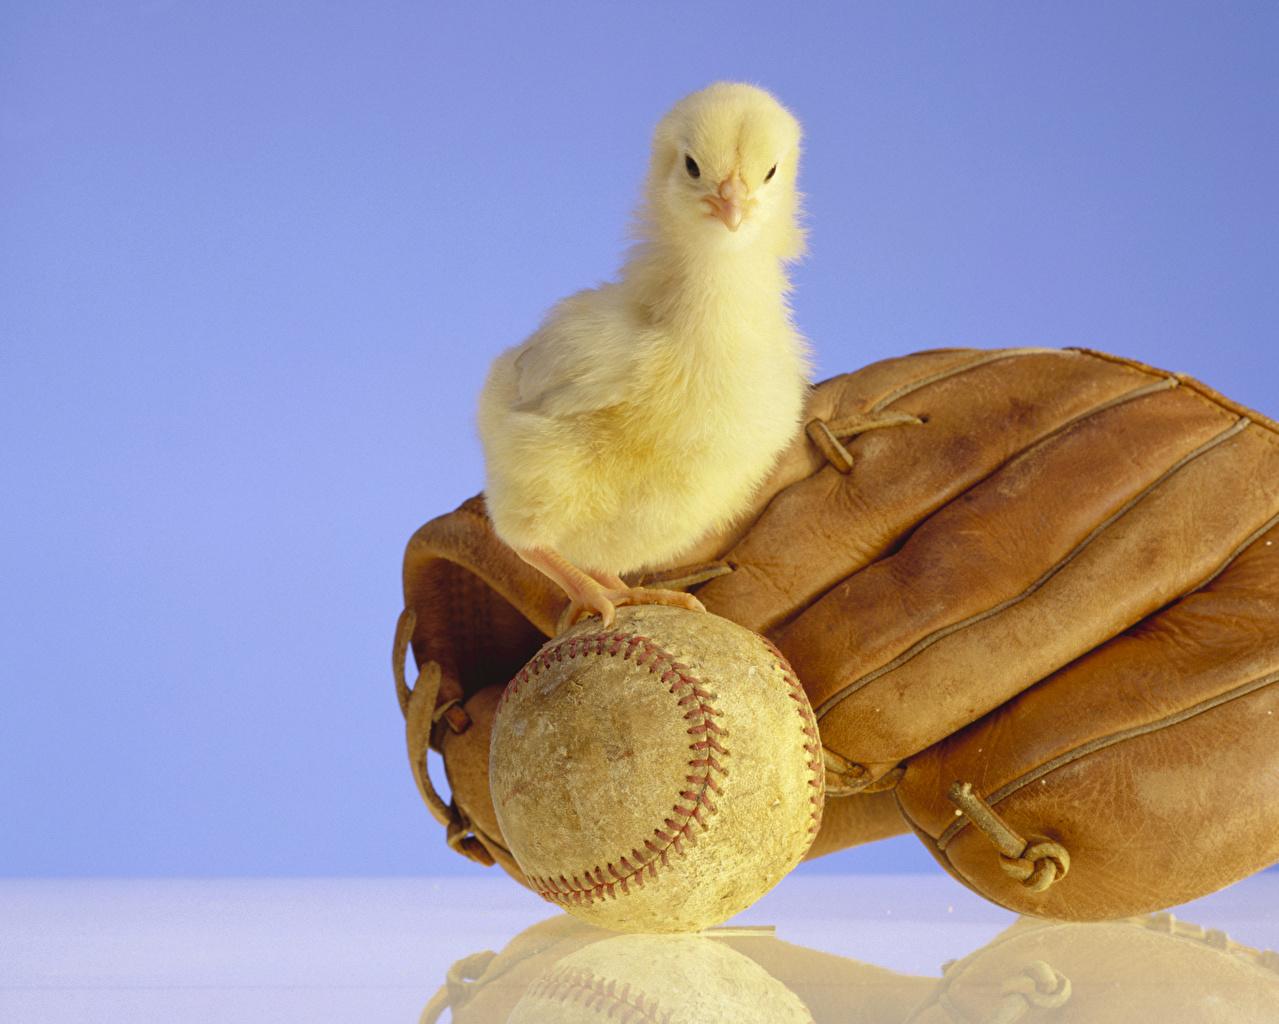 Fotos Vögel Hühner Handschuh Spiegelung Spiegelbild Ball Tiere Farbigen hintergrund